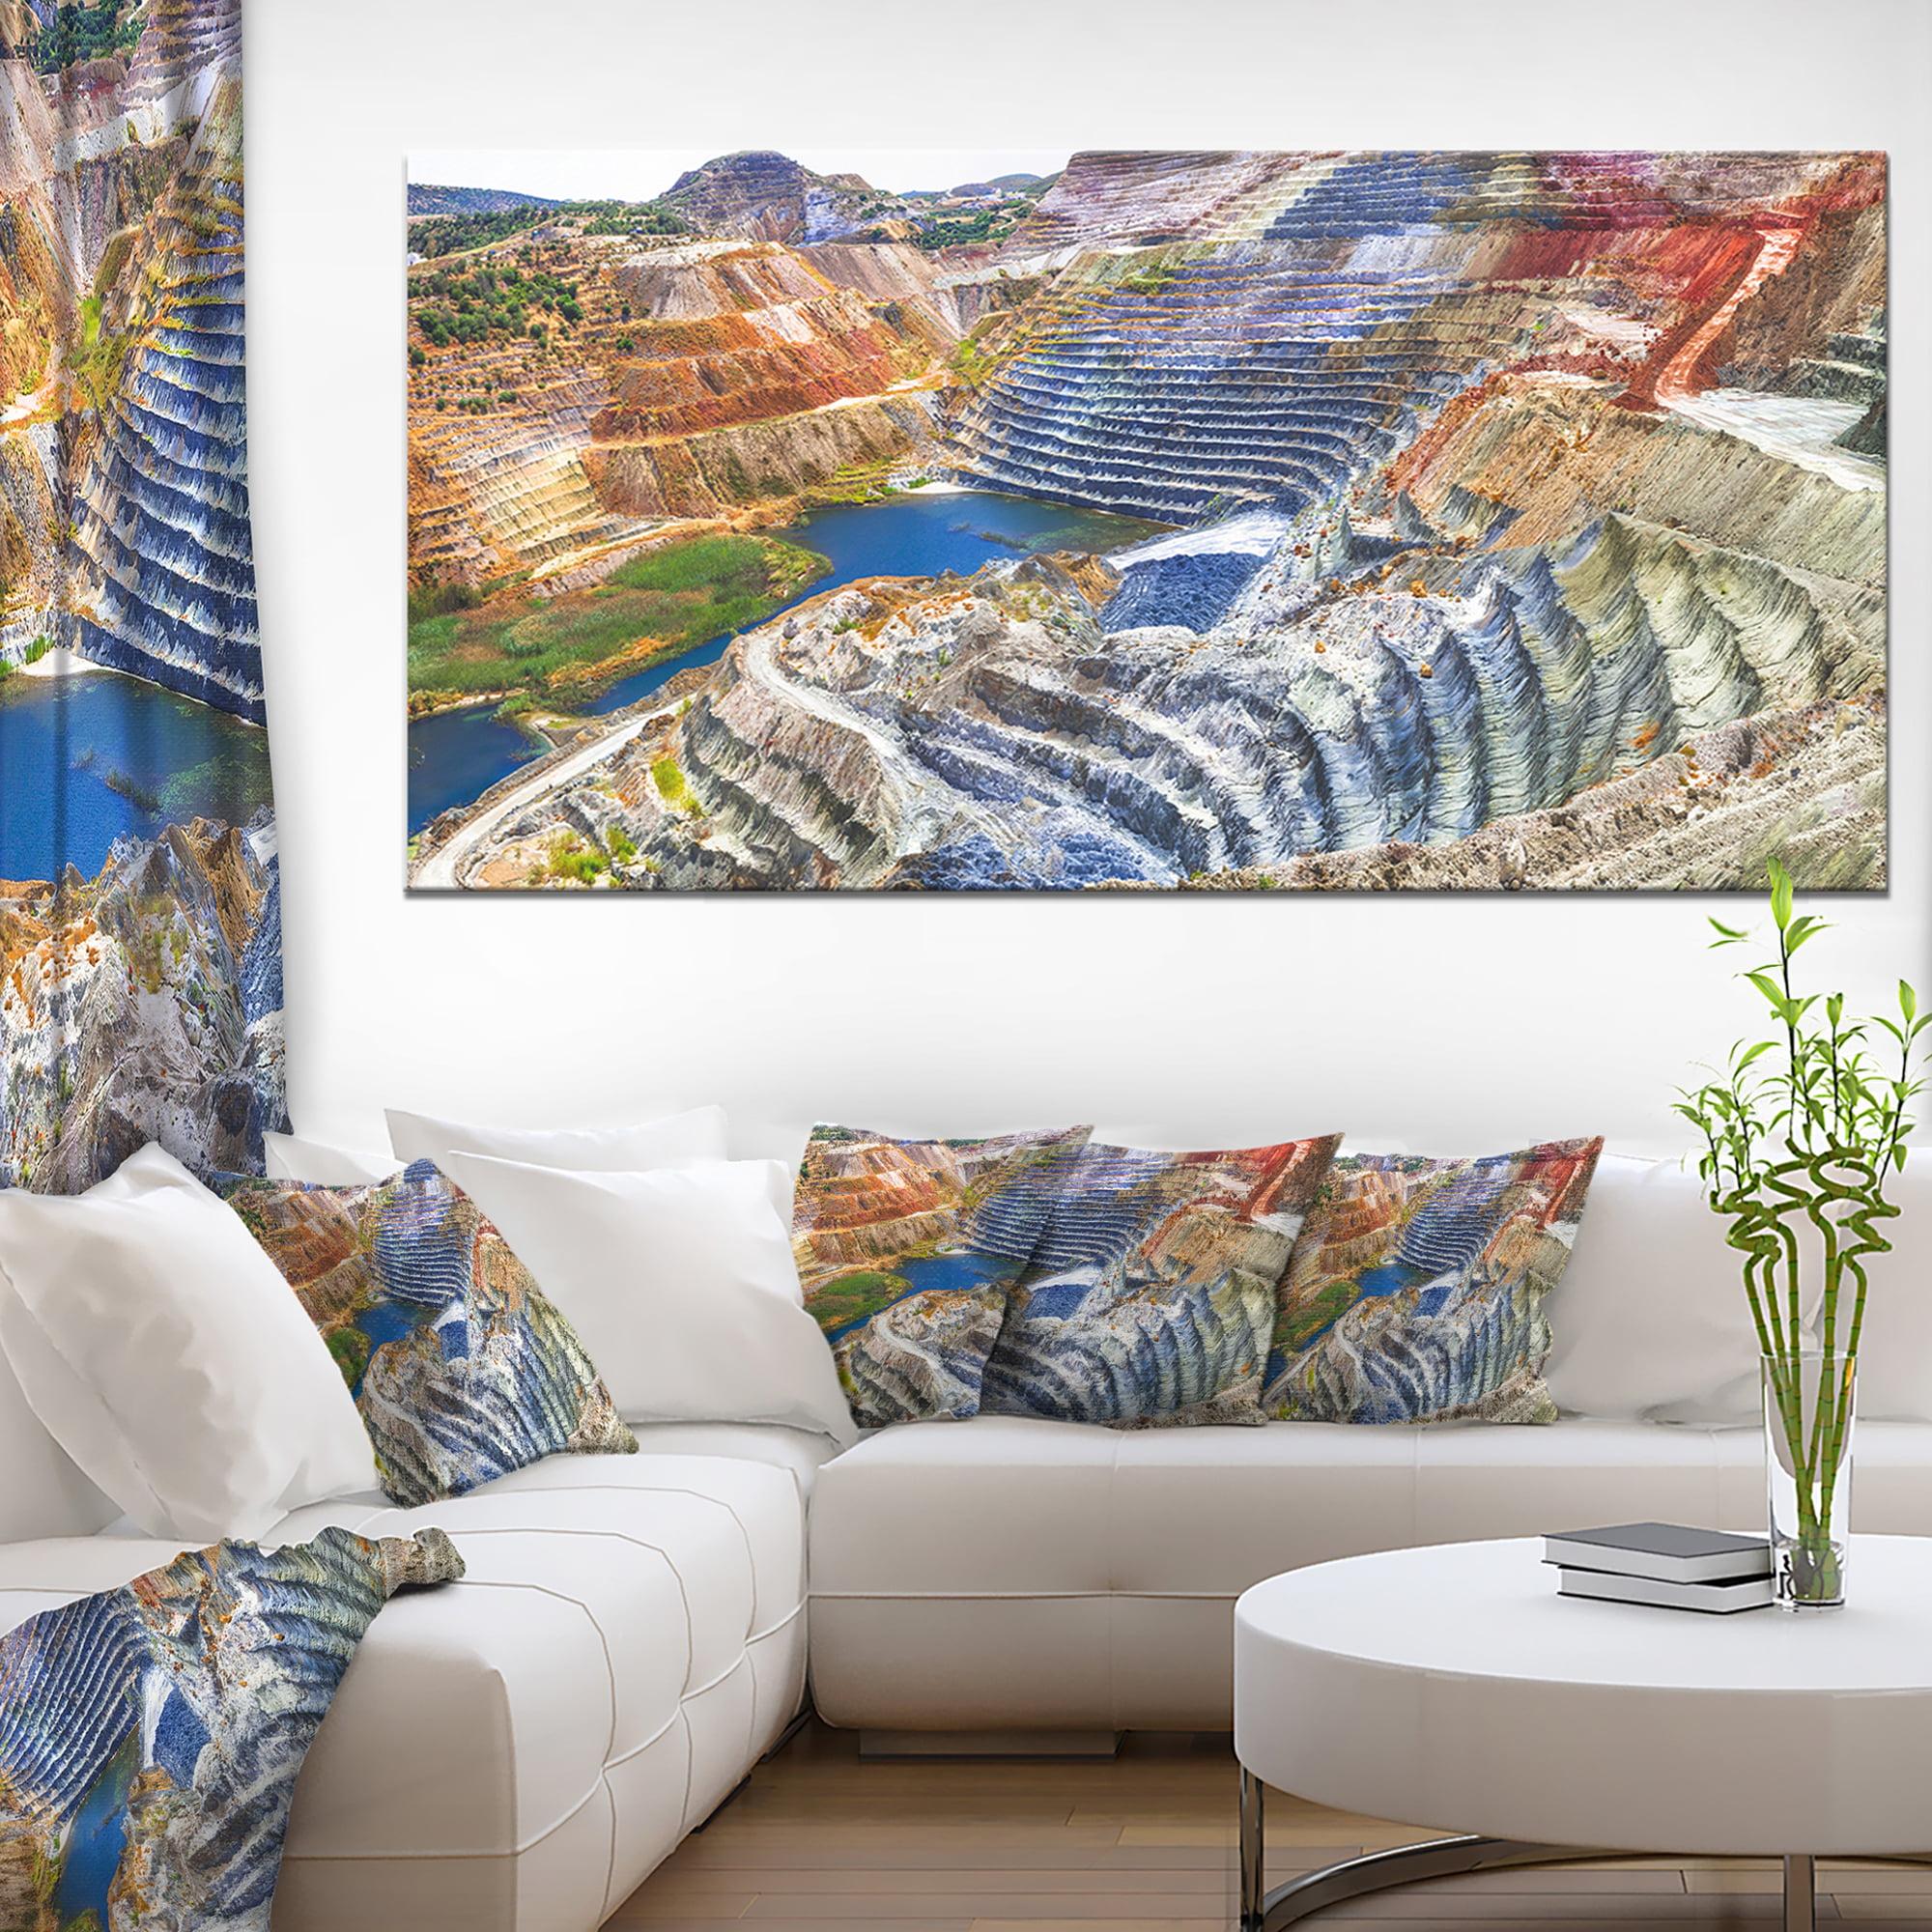 Impressive Mines and Canyon - Landscape Canvas Art Print - image 4 de 4